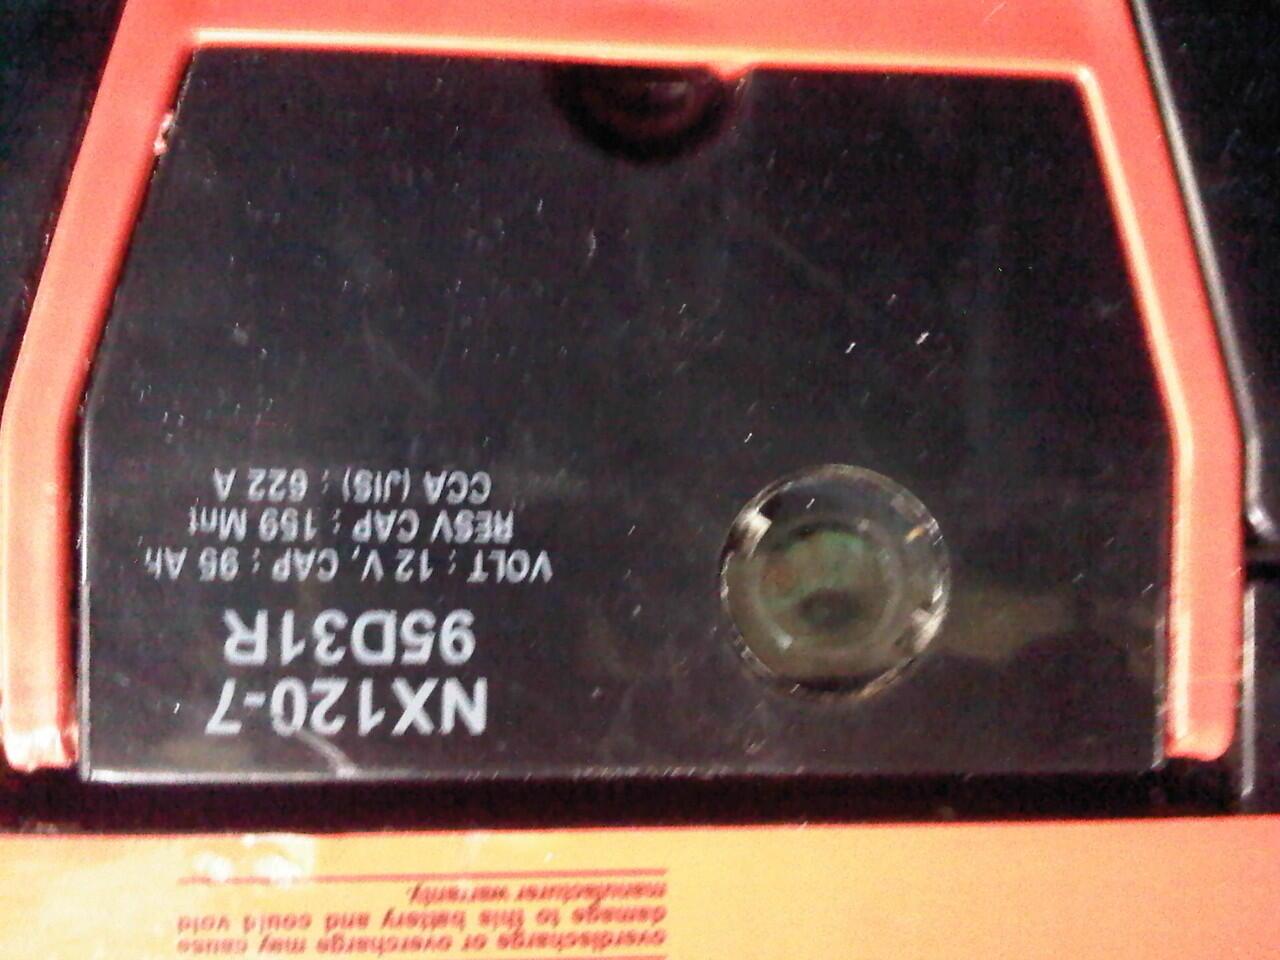 Jual AKI NGS Volcano MF 12V 95Amh Sehat 100% g jadi dipakai